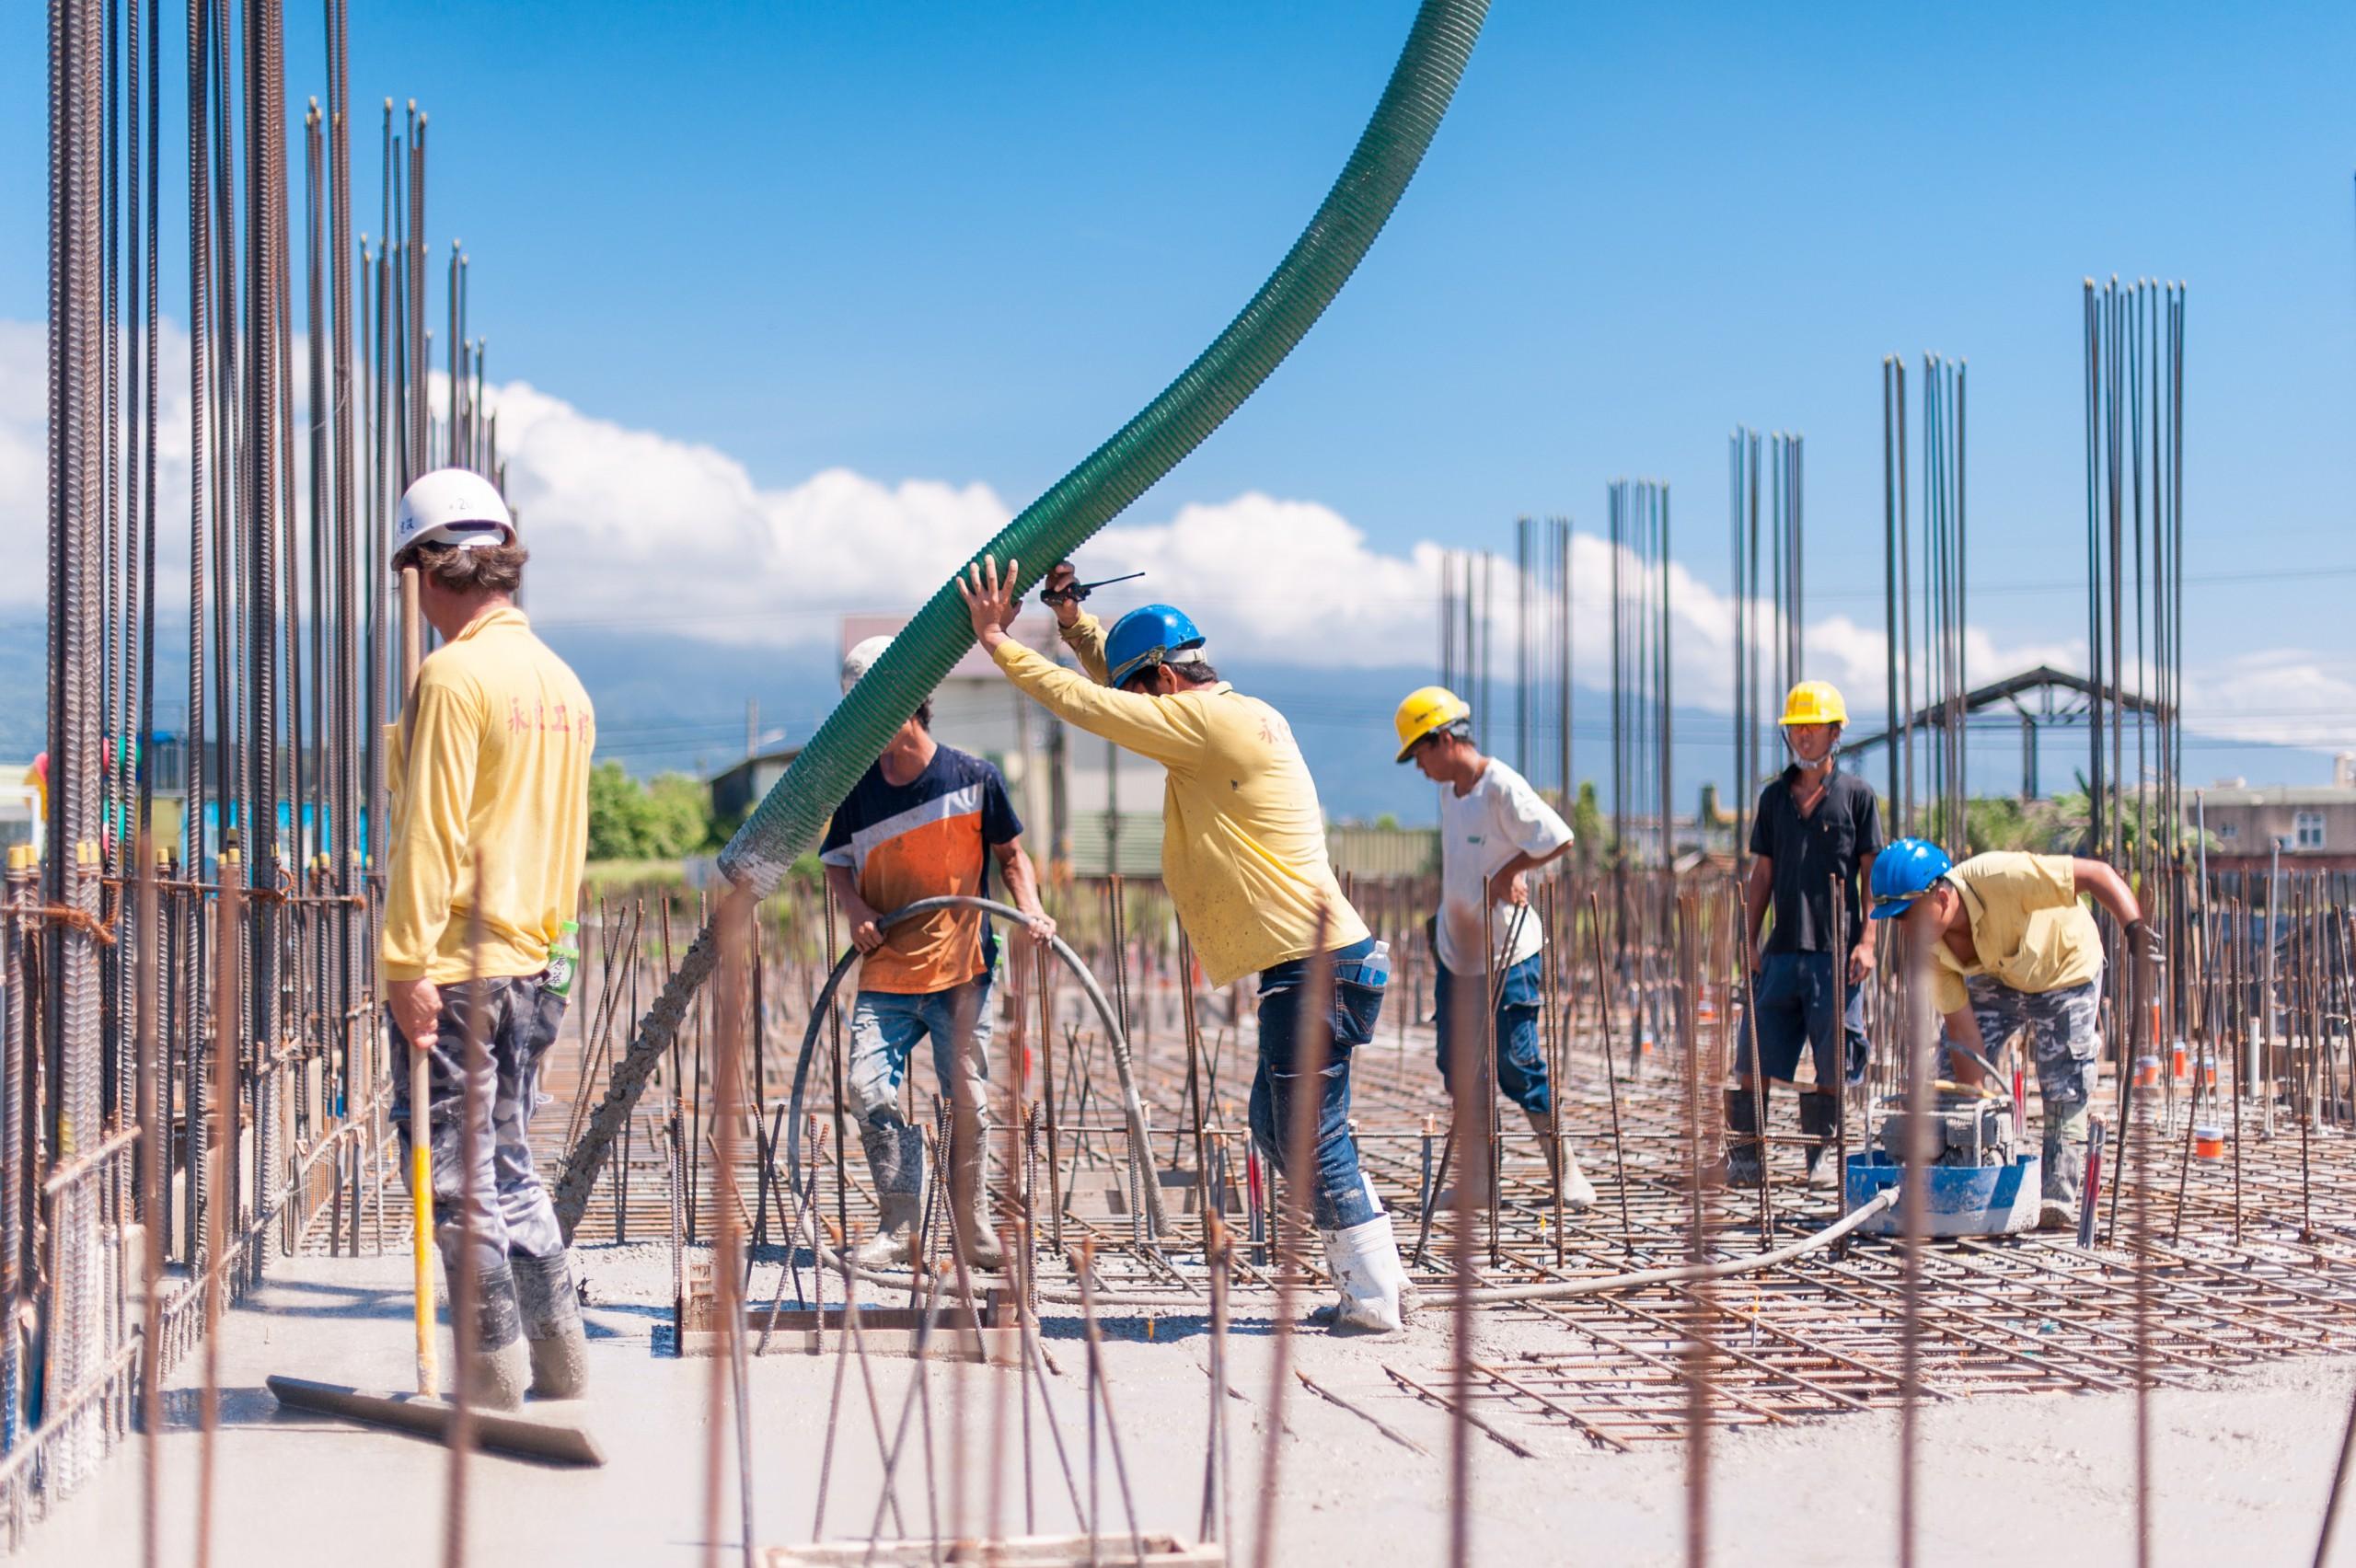 德築-DEZU-project-Zutian-architecture-real-estate-engineering-concrete-2